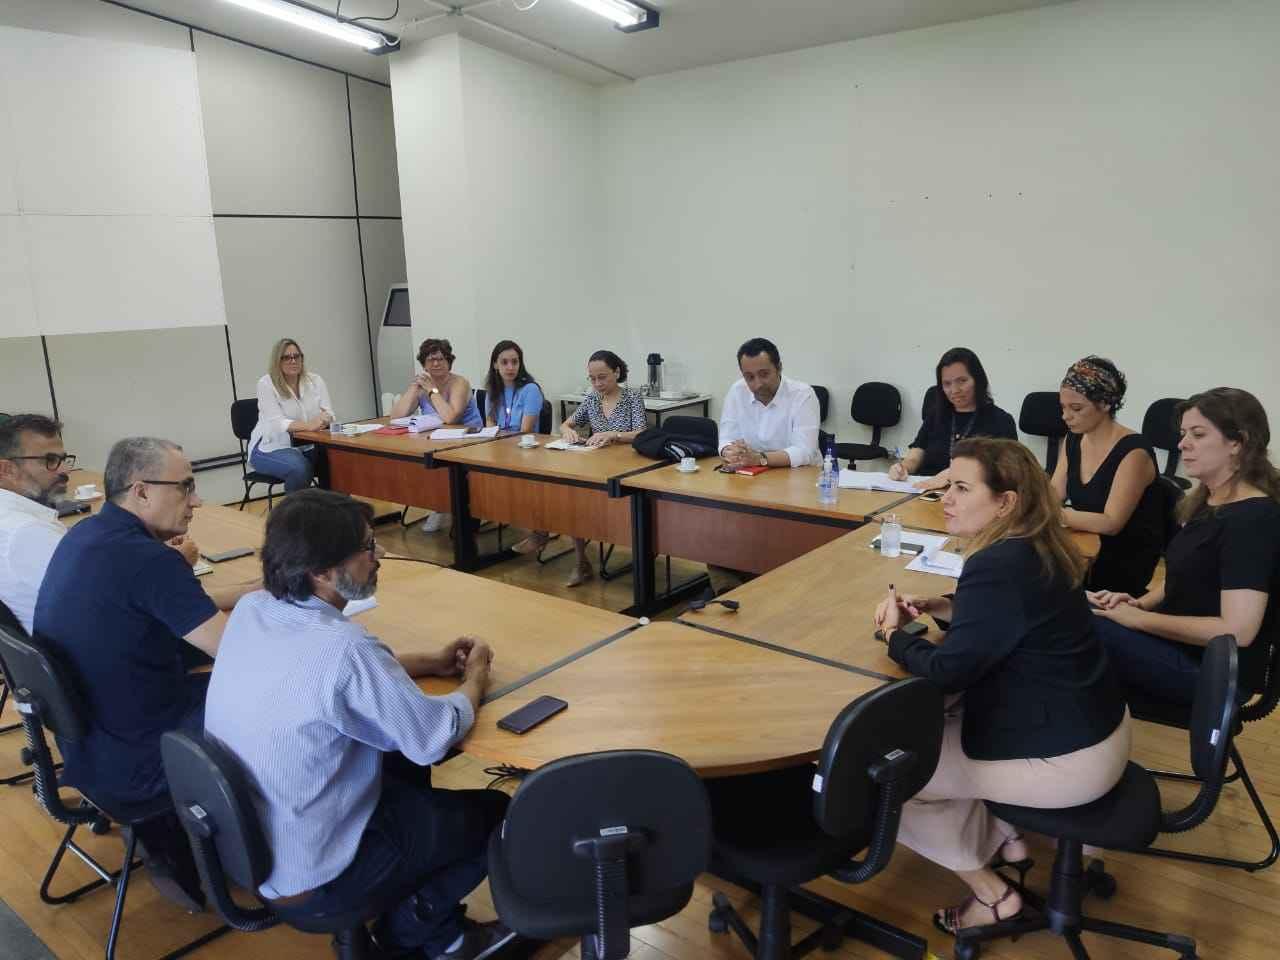 Reitora Sandra Goulart Almeida reuniu-se nesta manhã com o Comitê Permanente de Acompanhamento das Ações de Prevenção e Enfrentamento do Novo Coronavírus